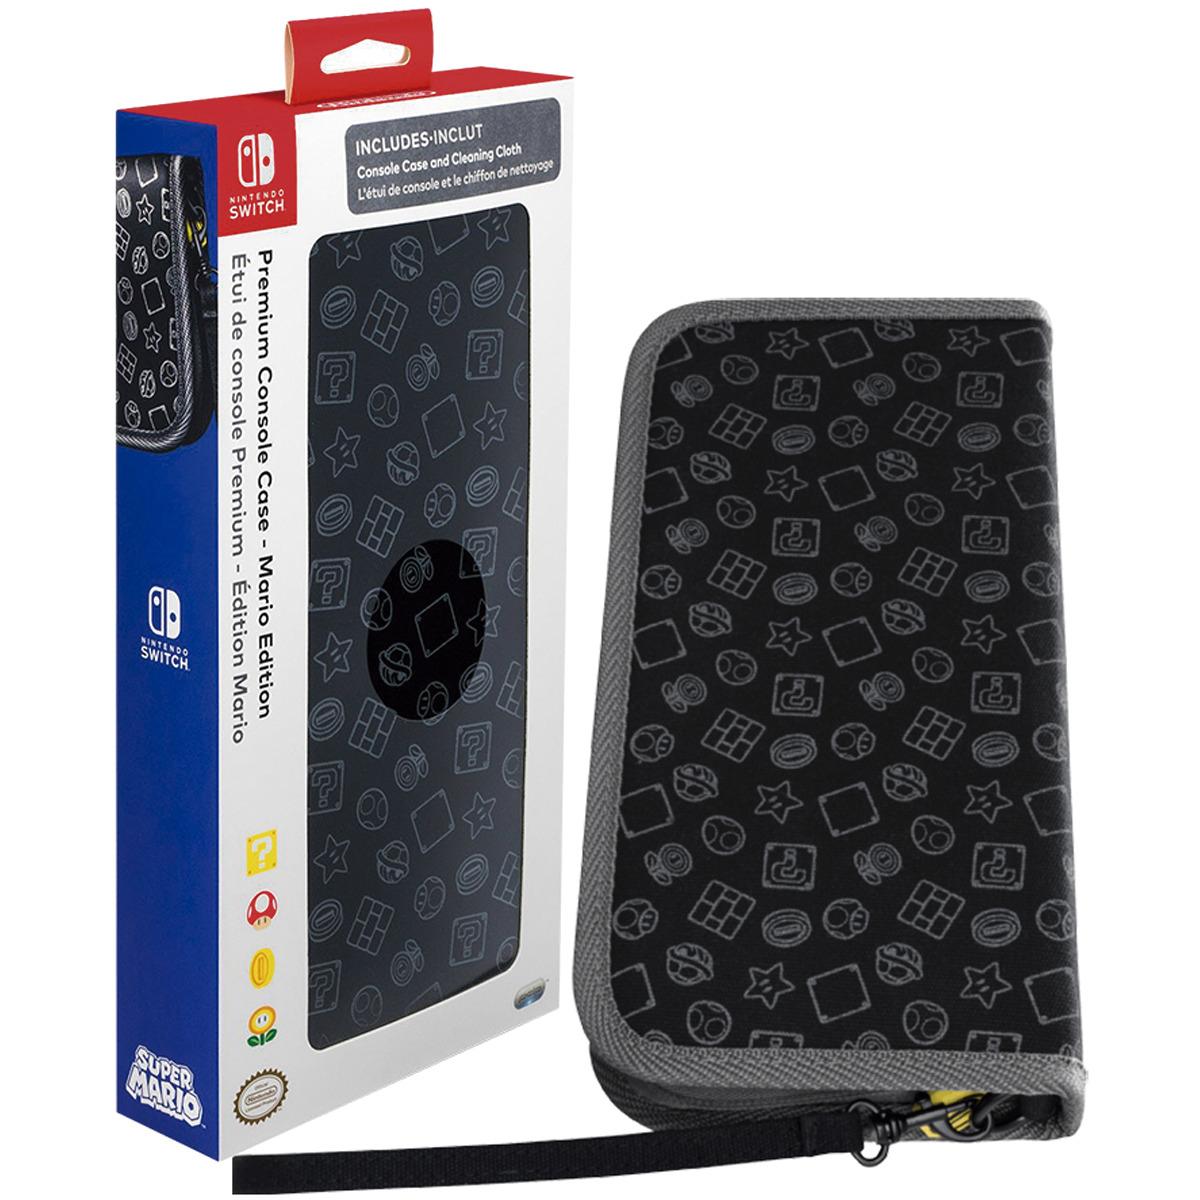 Nintendo Switch: Funda protectora Mario Edition